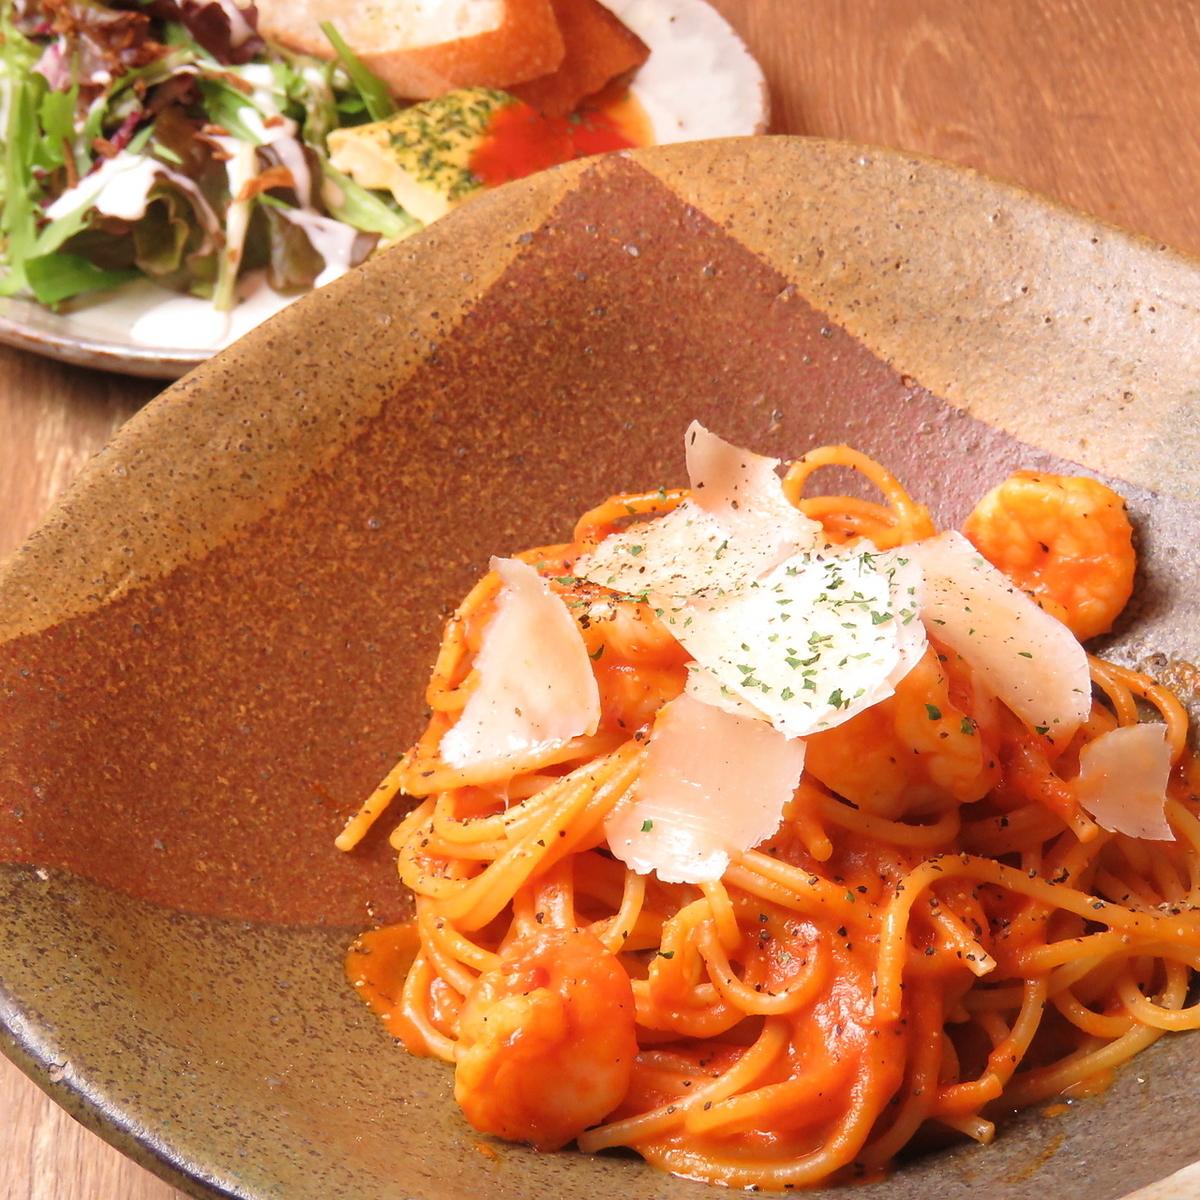 【파스타 SET (토마토 오일 소스)] (버킷 / 미니 샐러드 / 전채 / 세트 음료 / 작은 쉬폰 케이크)